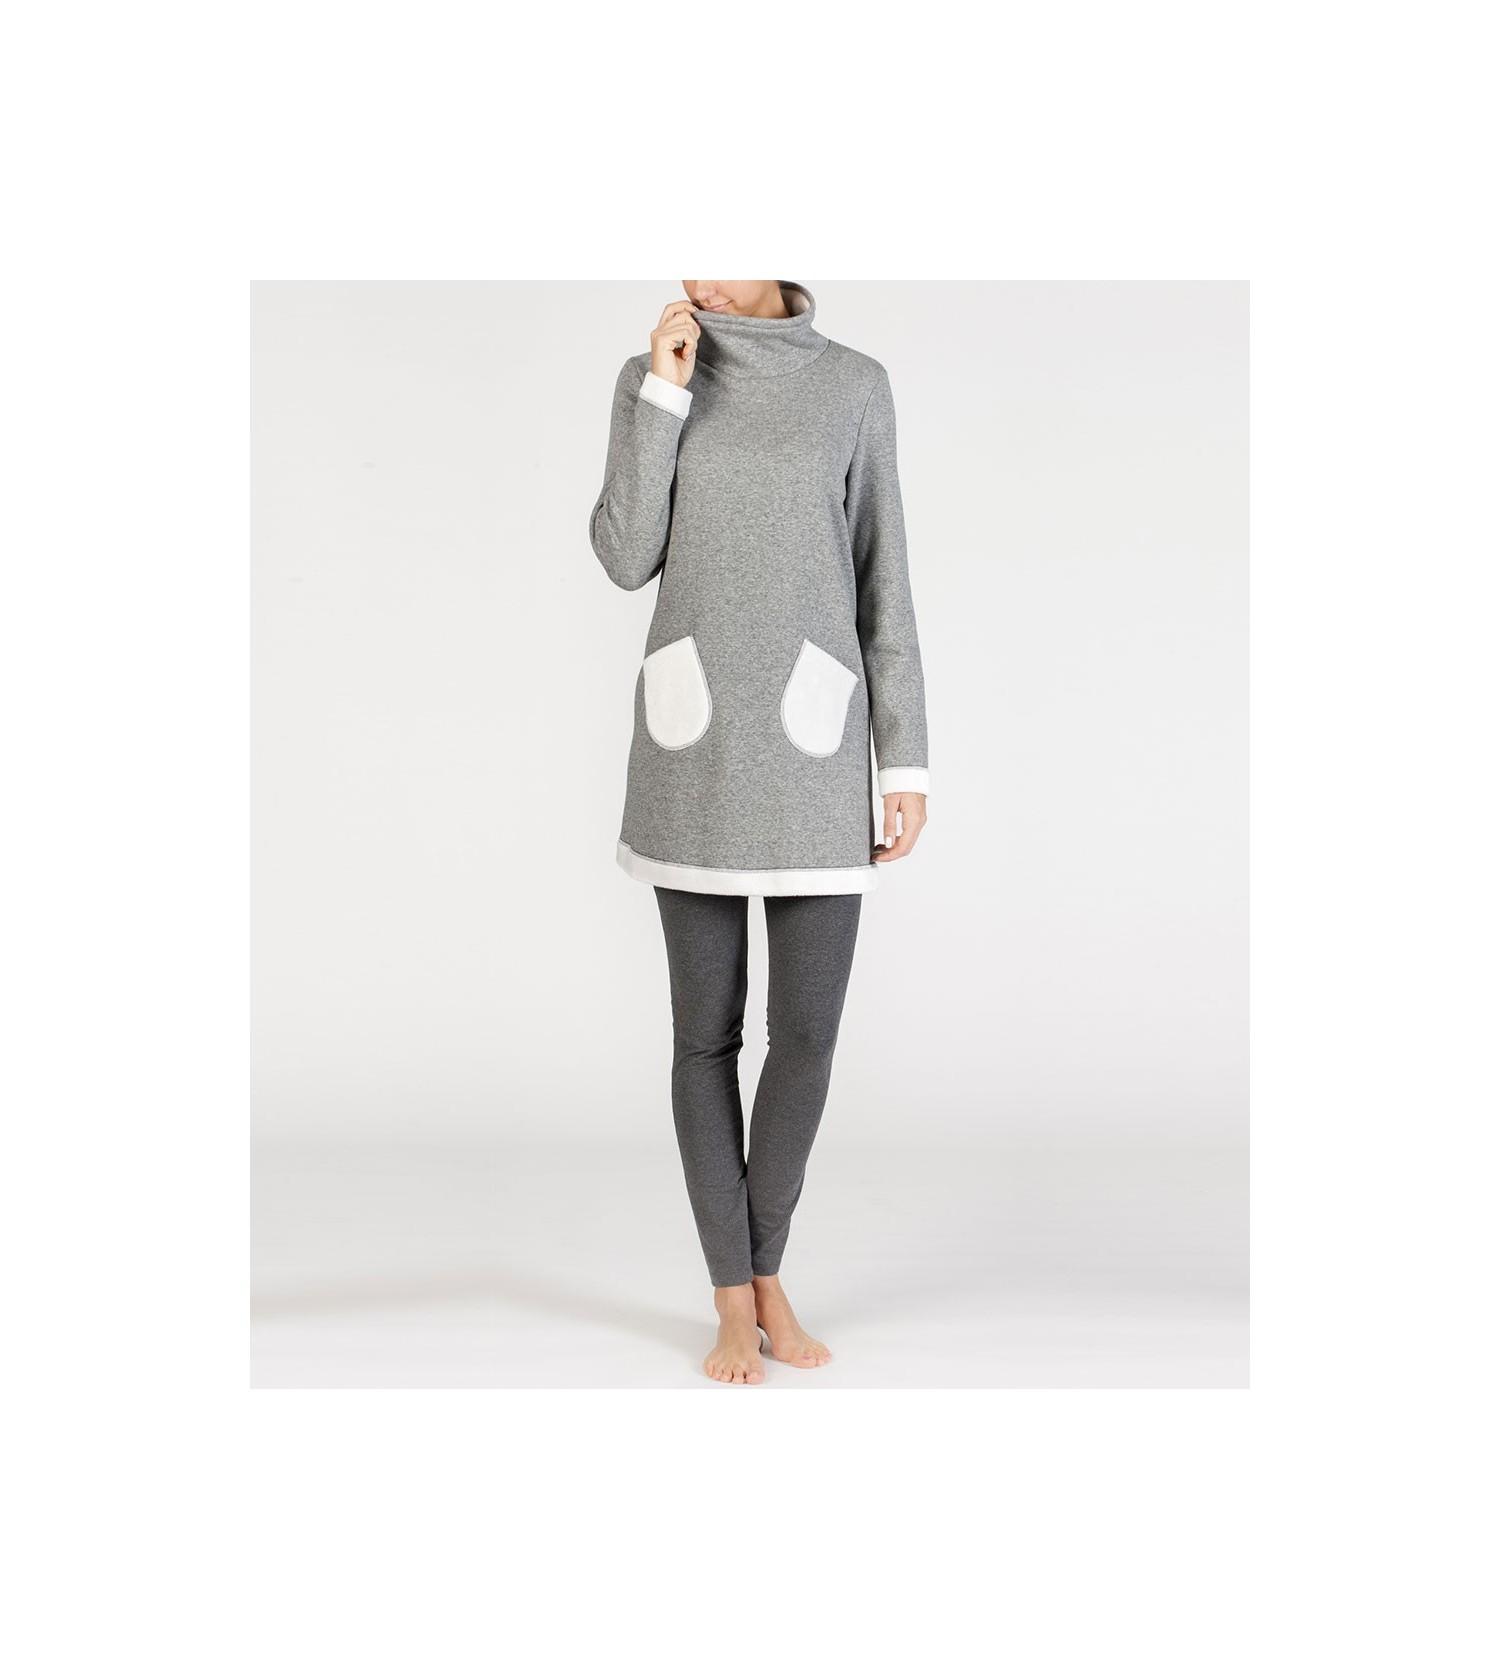 tenue d 39 int rieur pour femme gris ecru egatex lingerie sipp. Black Bedroom Furniture Sets. Home Design Ideas